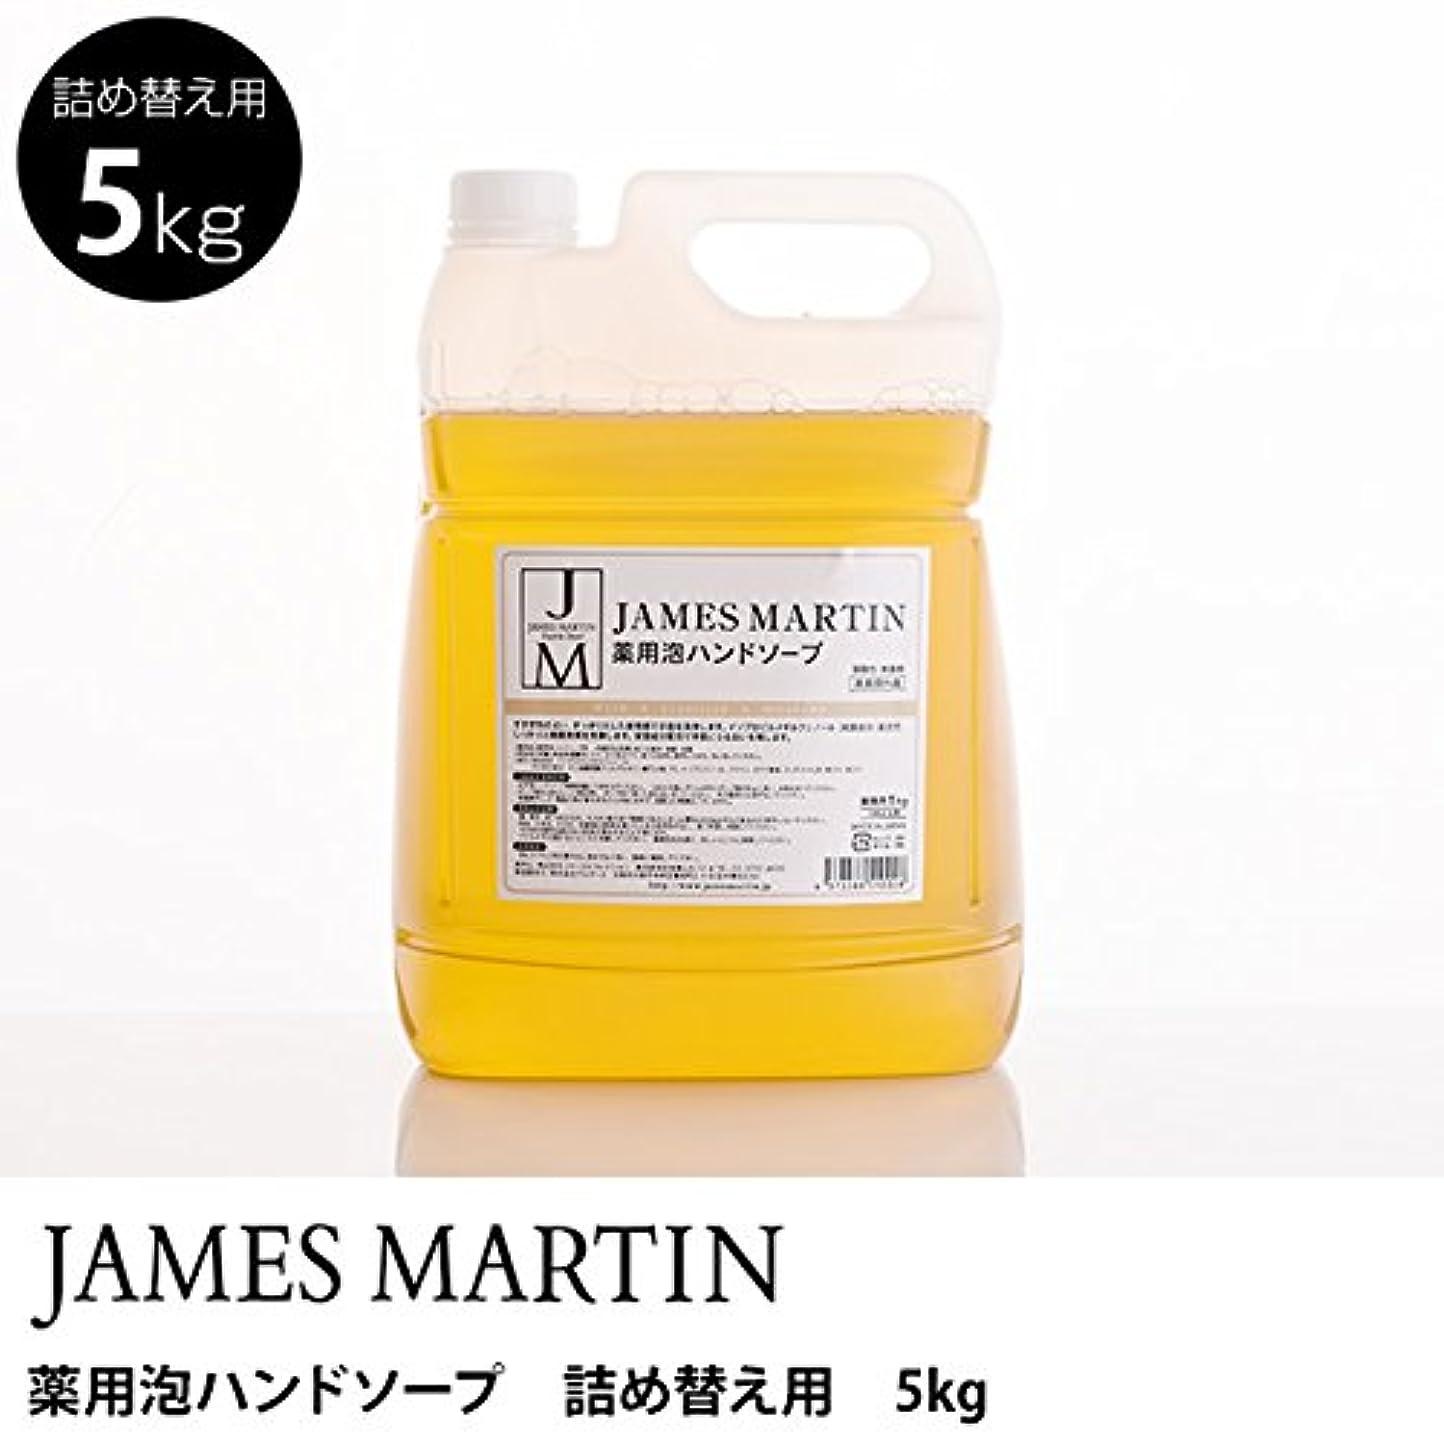 おなじみのすぐにローストジェームズマーティン 薬用泡ハンドソープ(無香料) 詰替用 5kg